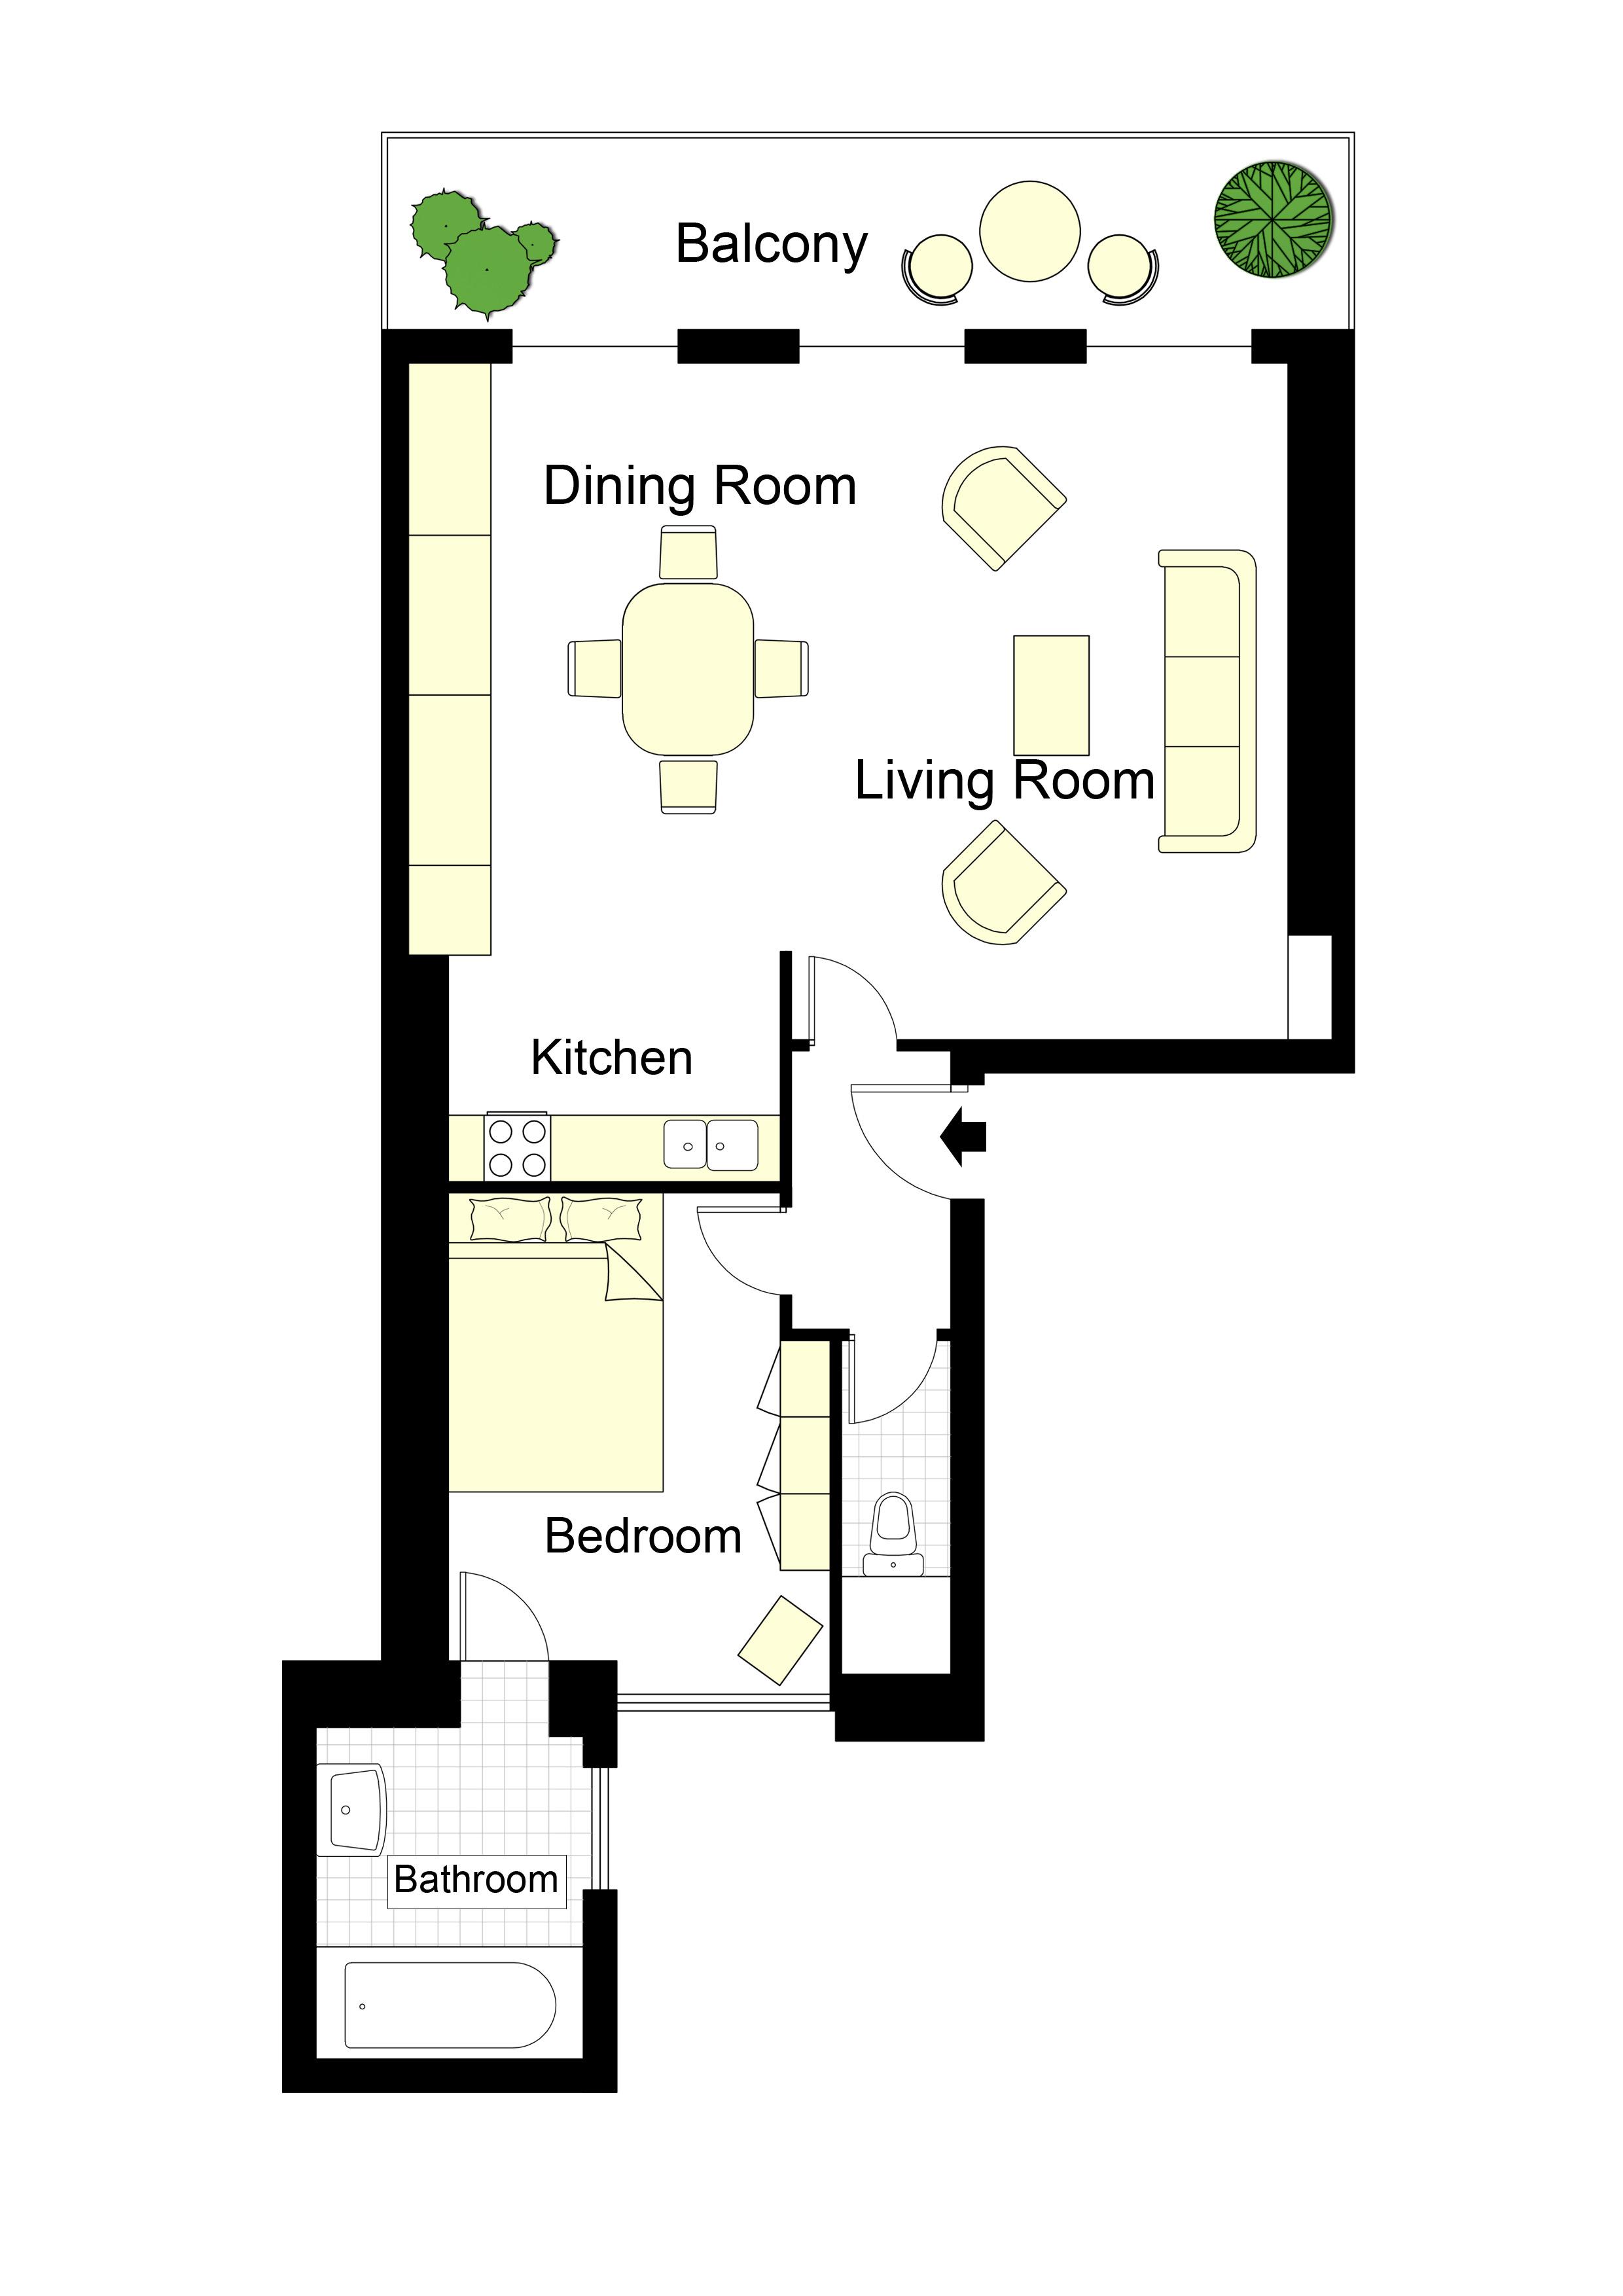 One Bedroom Air Conditioned Paris Apartment